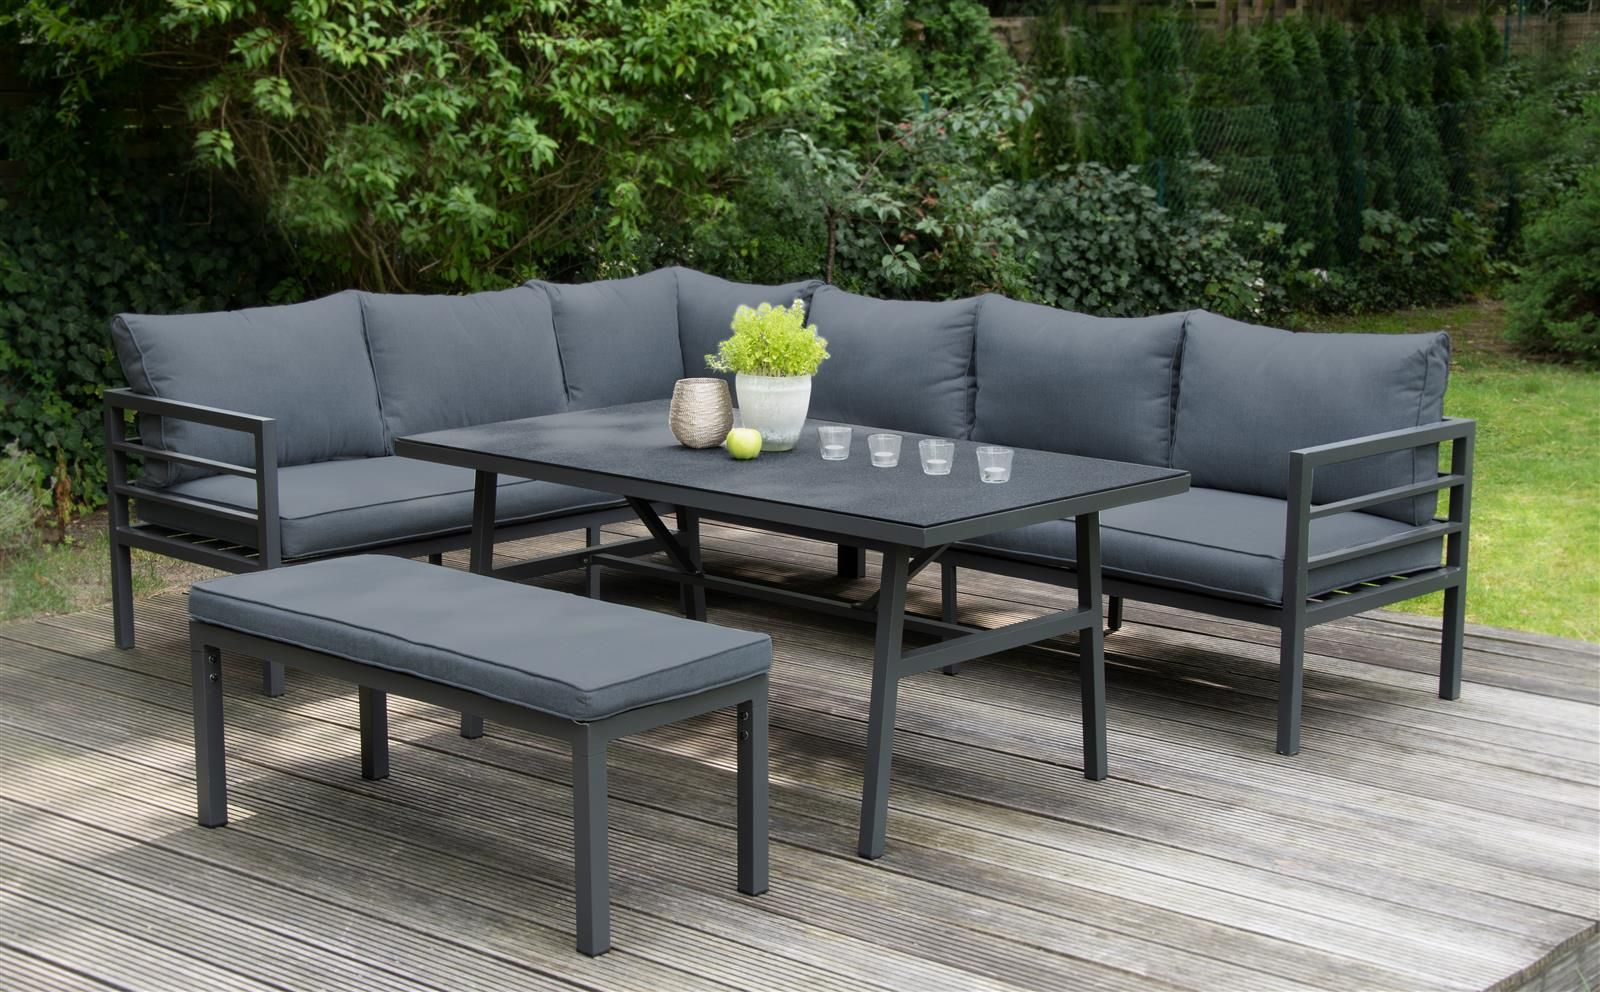 Aluminium Lounge Maia Von Bellavista Home Garden Lounge Mobel Gartenmobel Sets Gartenmobel